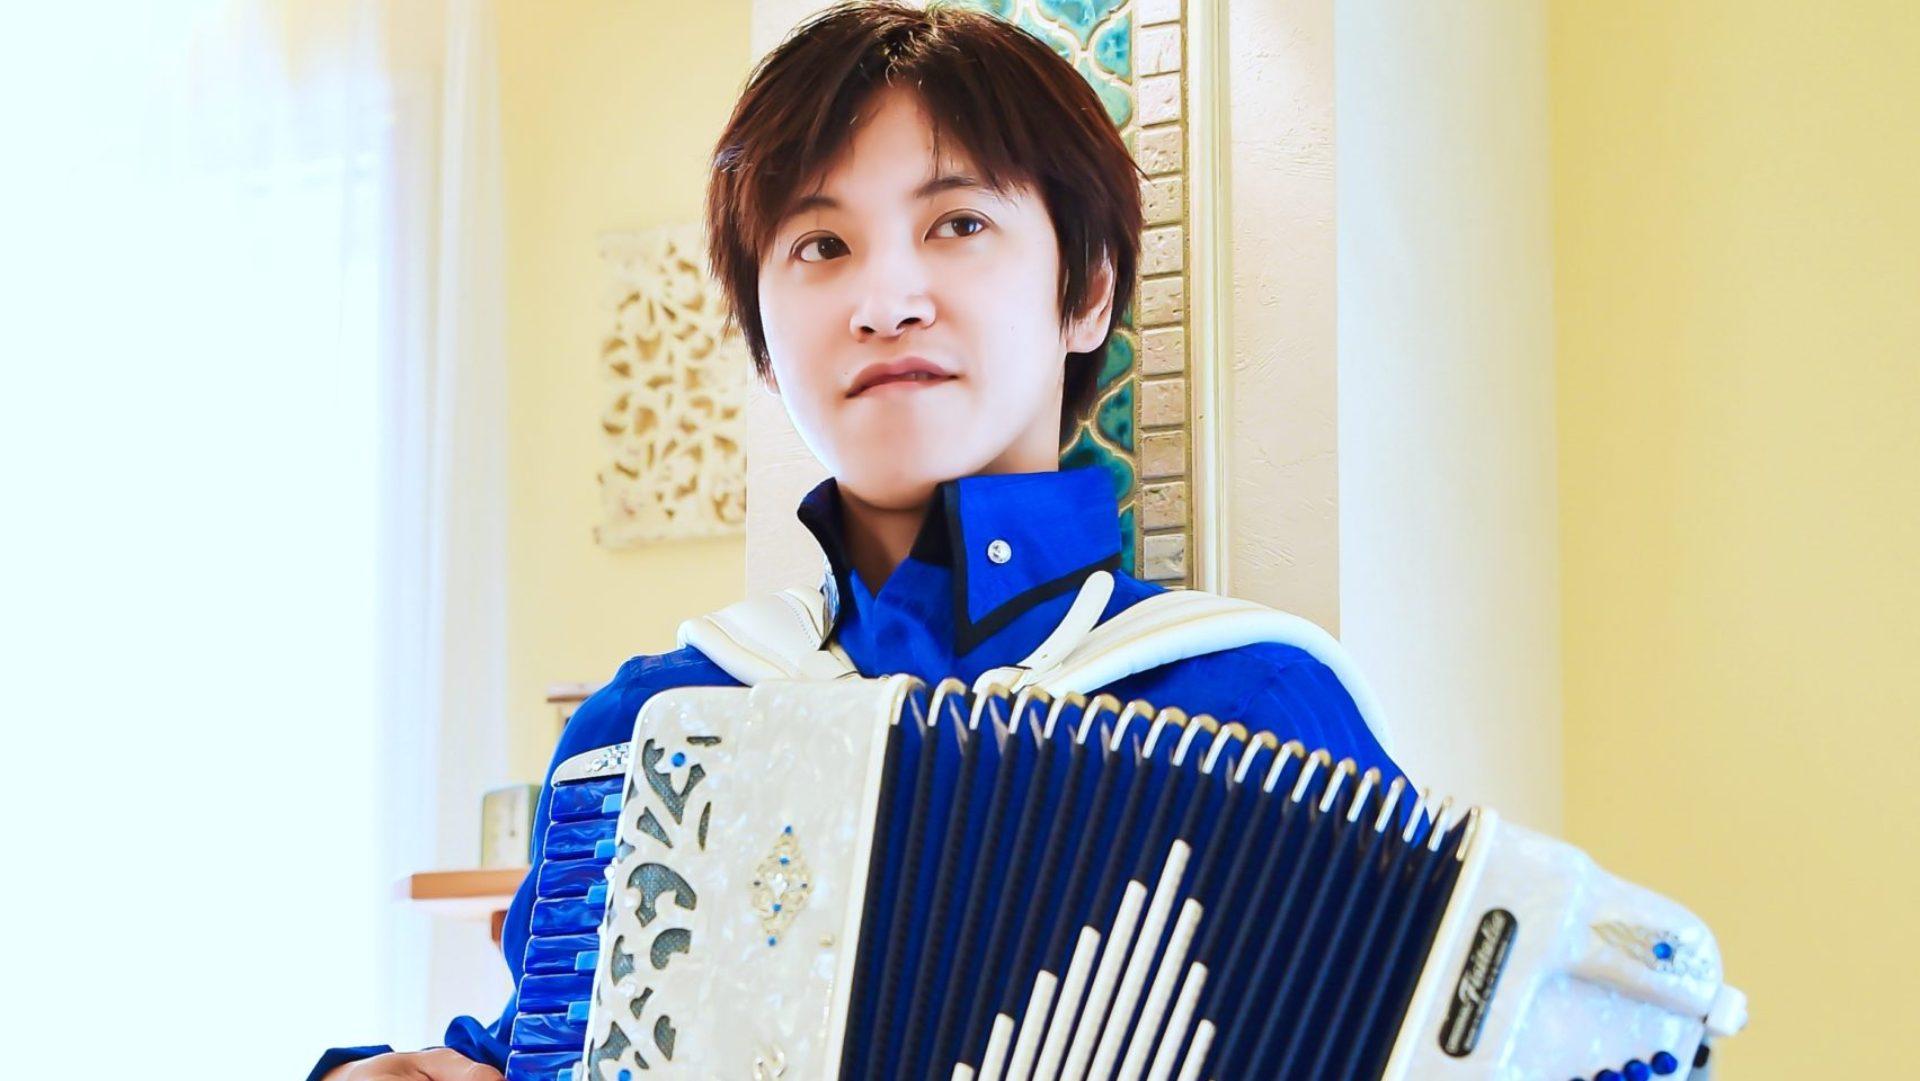 Shingo Takashima